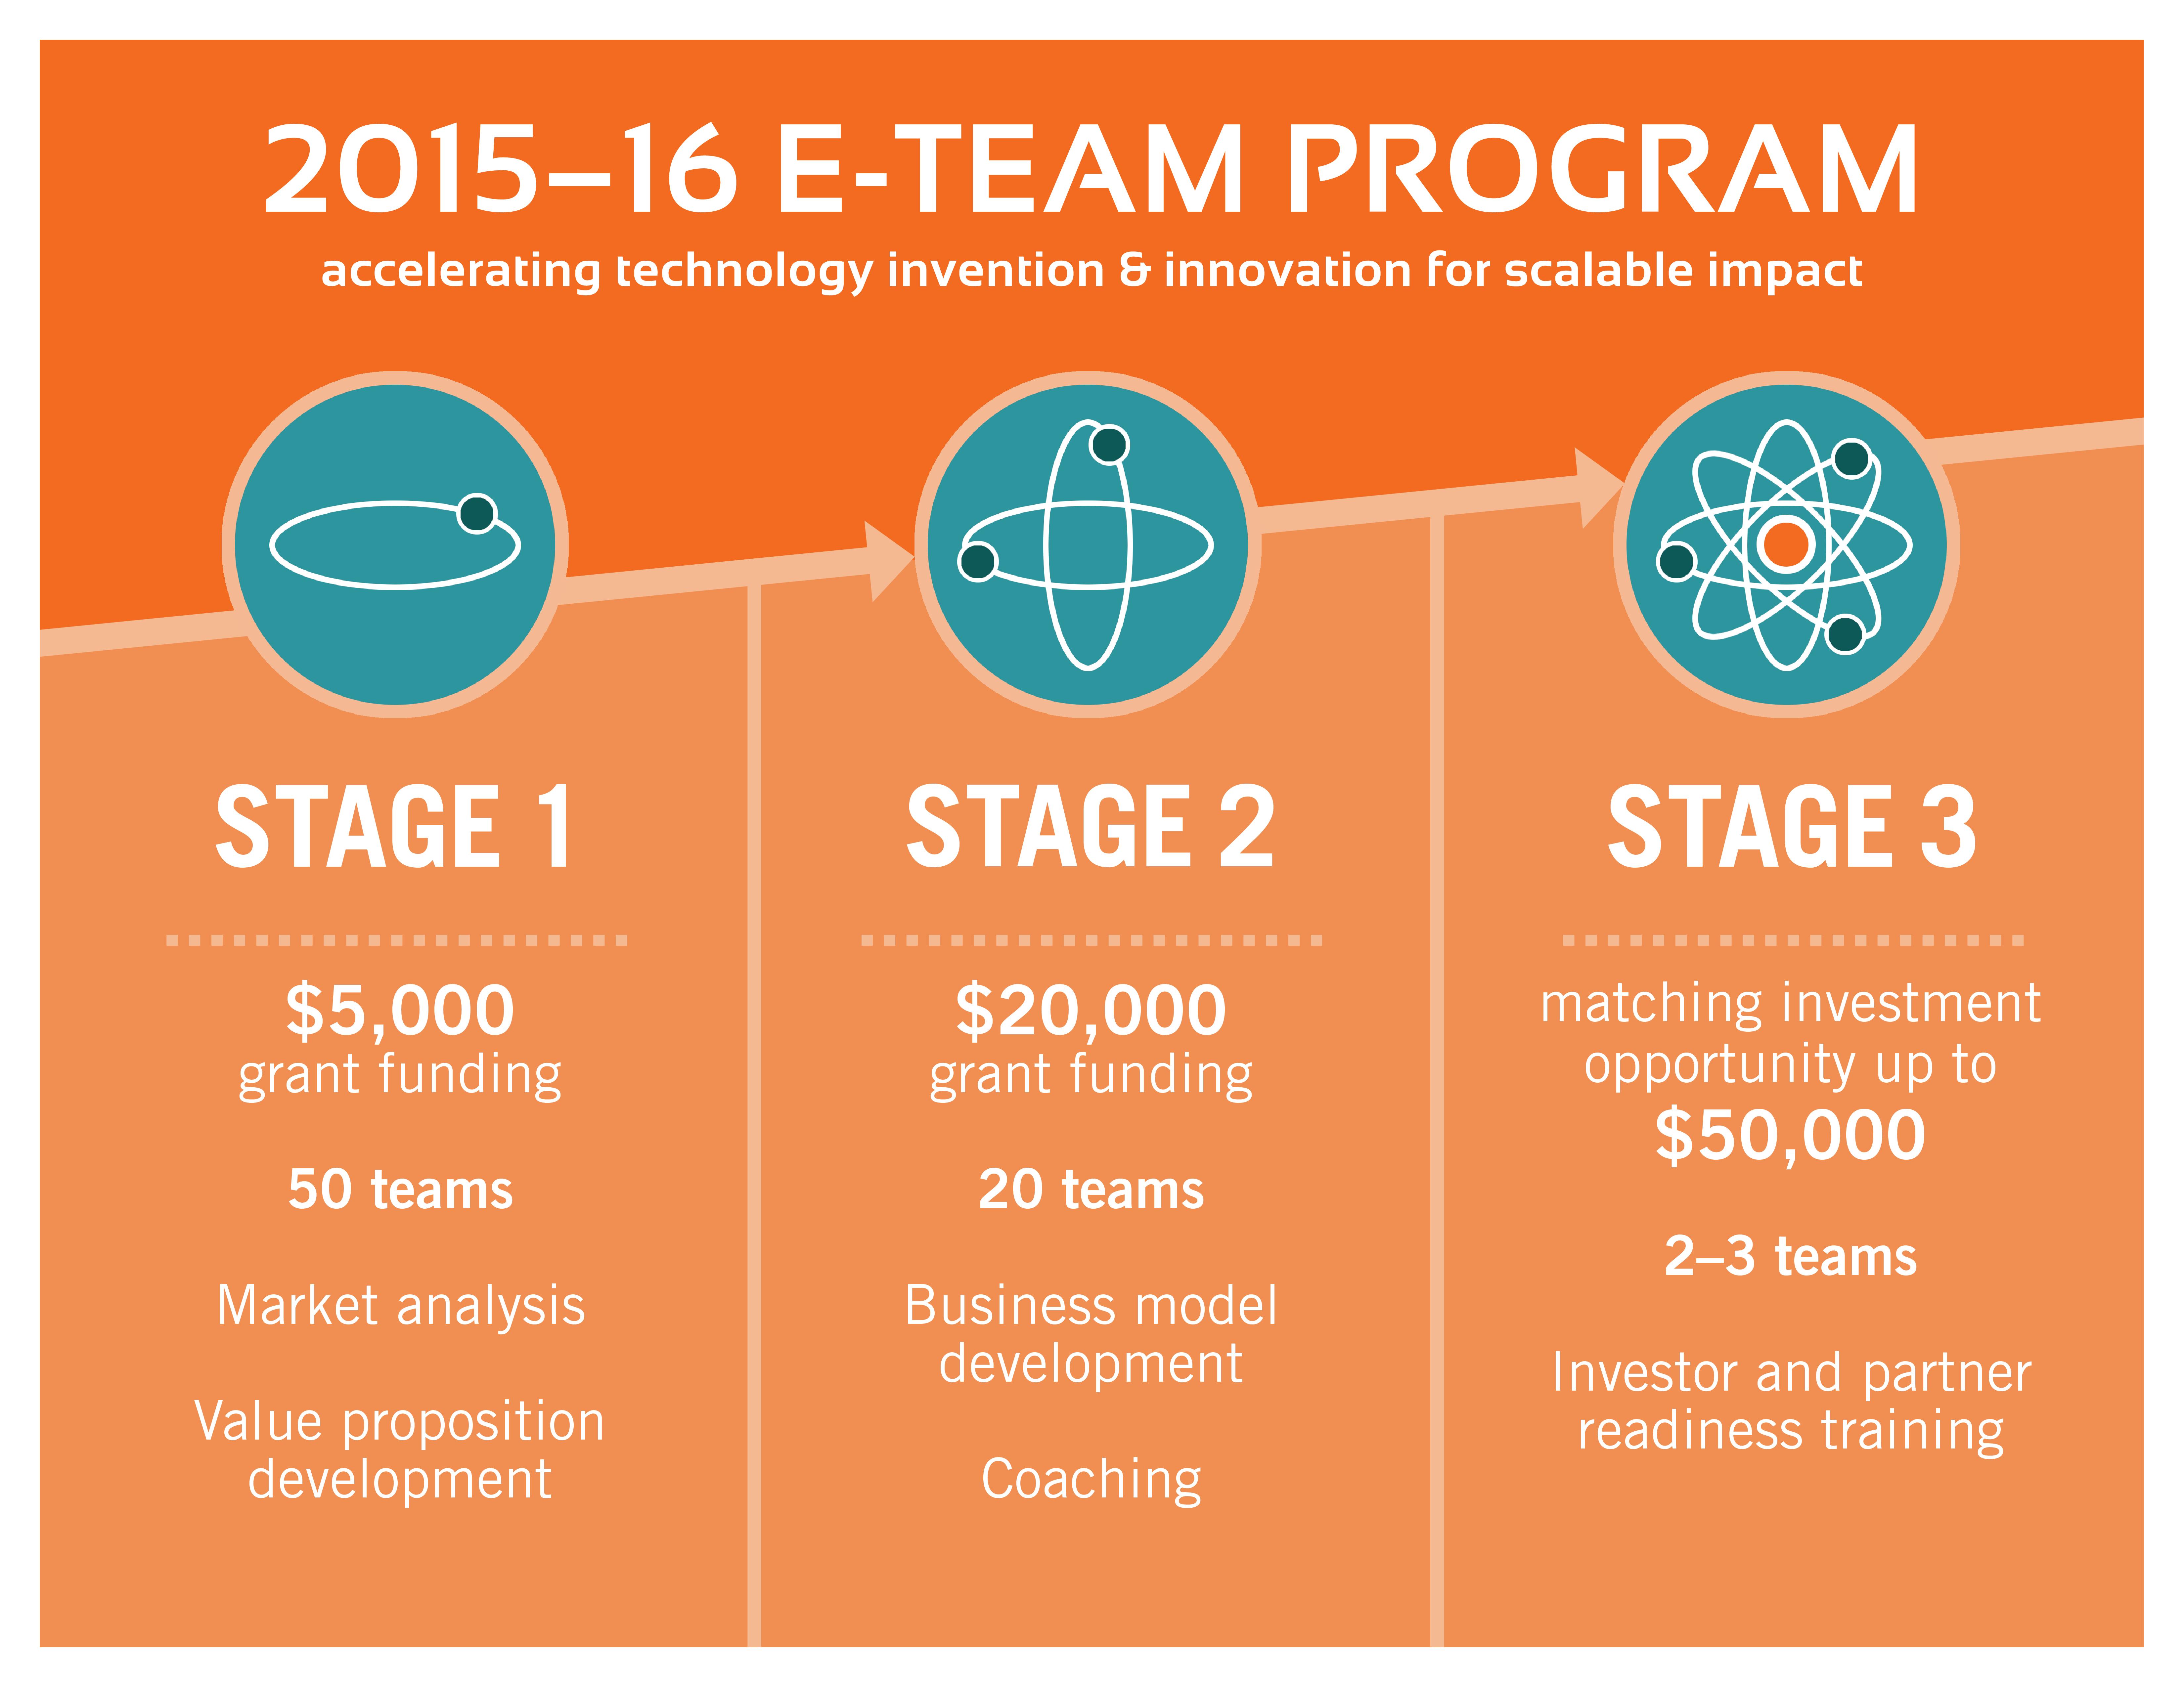 e-team_2015-2016_infographic